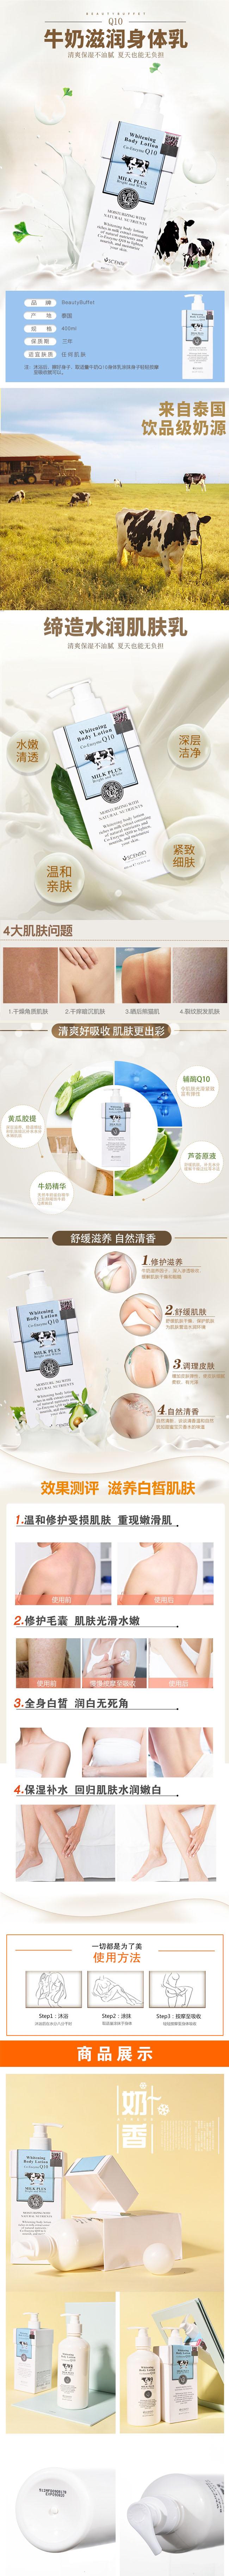 泰国BeautyBuffet Q10牛奶身体乳液400ml-1.jpg